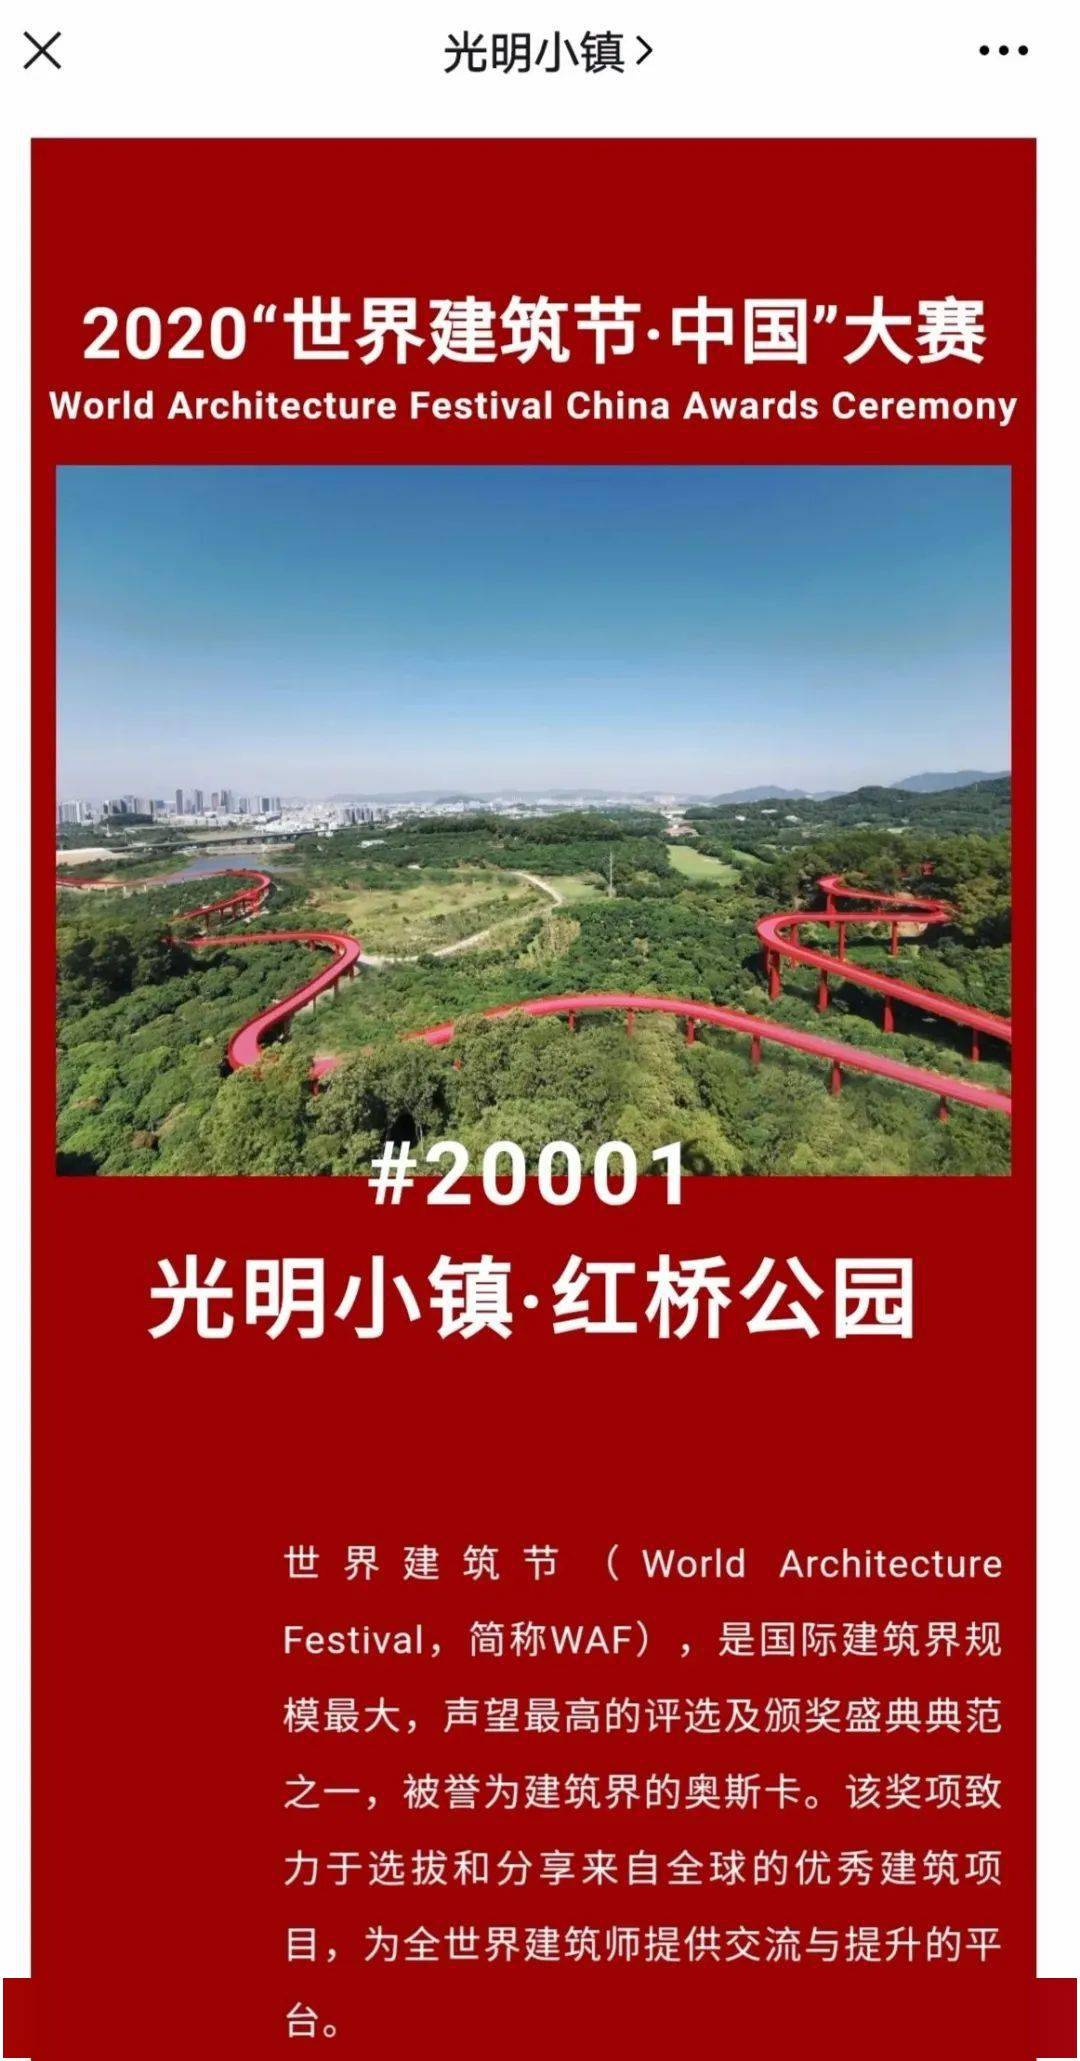 春节涌入30万人的光明虹桥公园,凭什么?真的值得去吗?